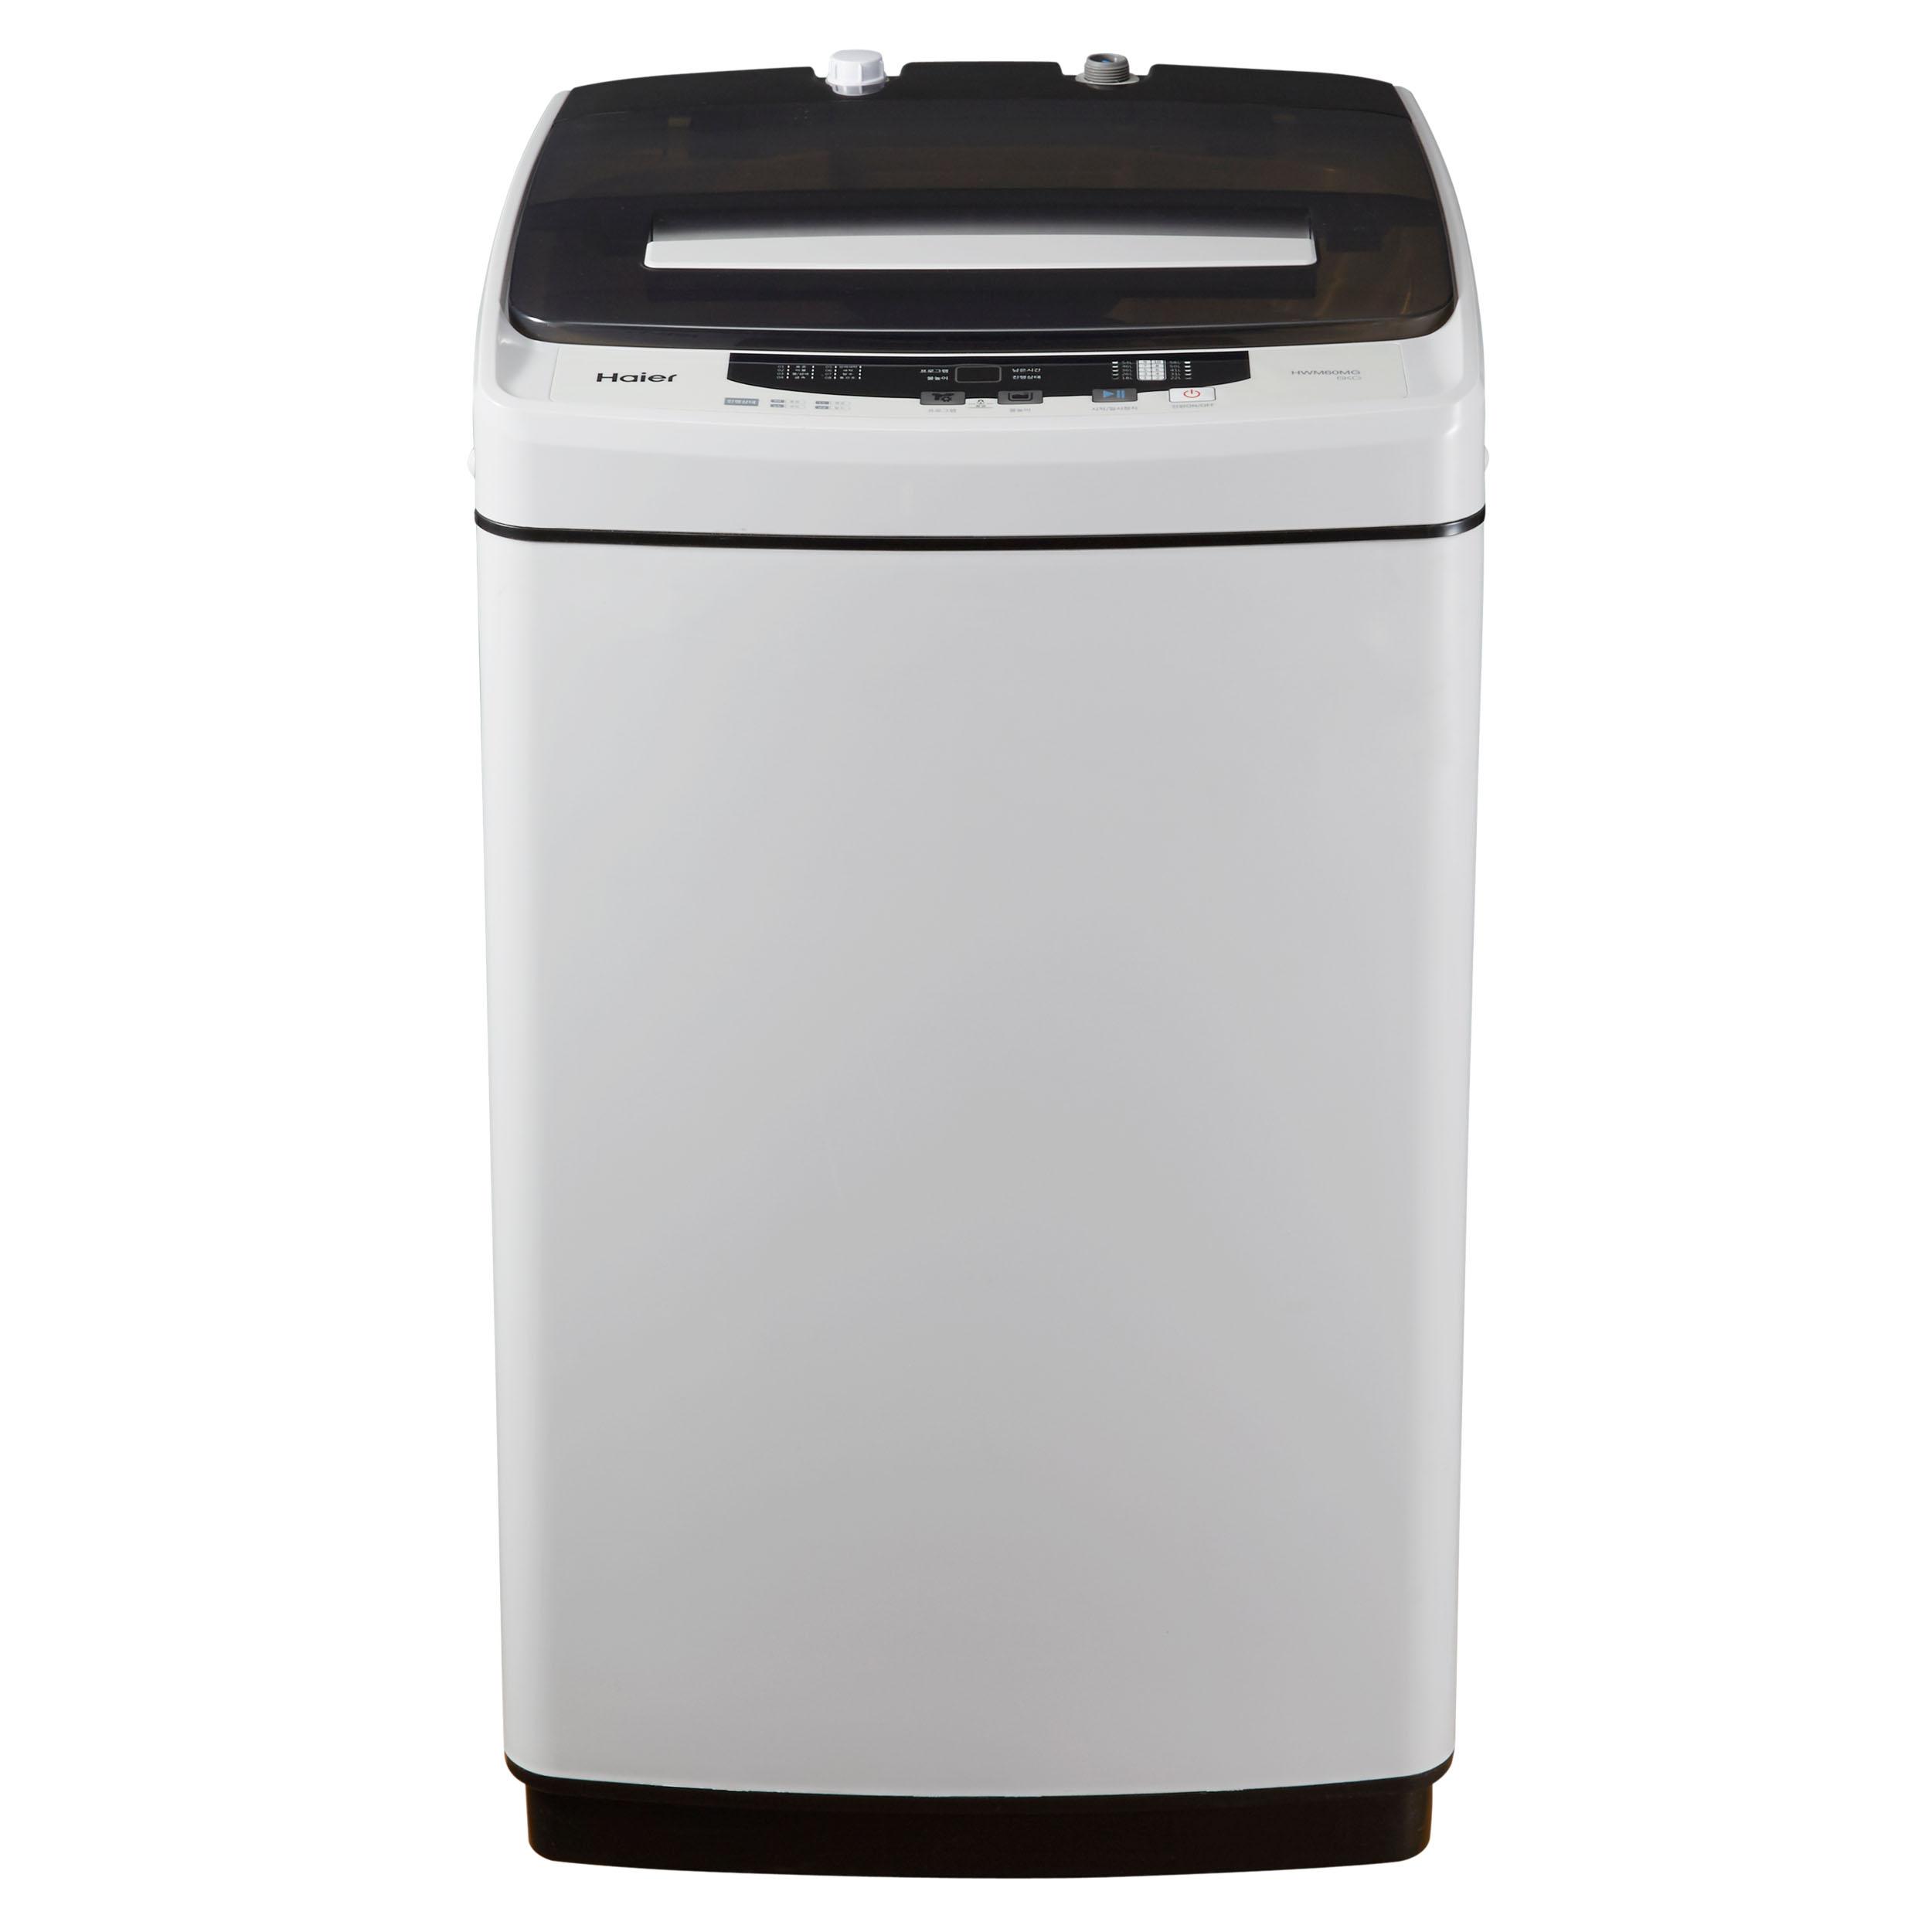 하이얼 1등급 미니 일반 통돌이 세탁기 HW60G 6kg 방문설치